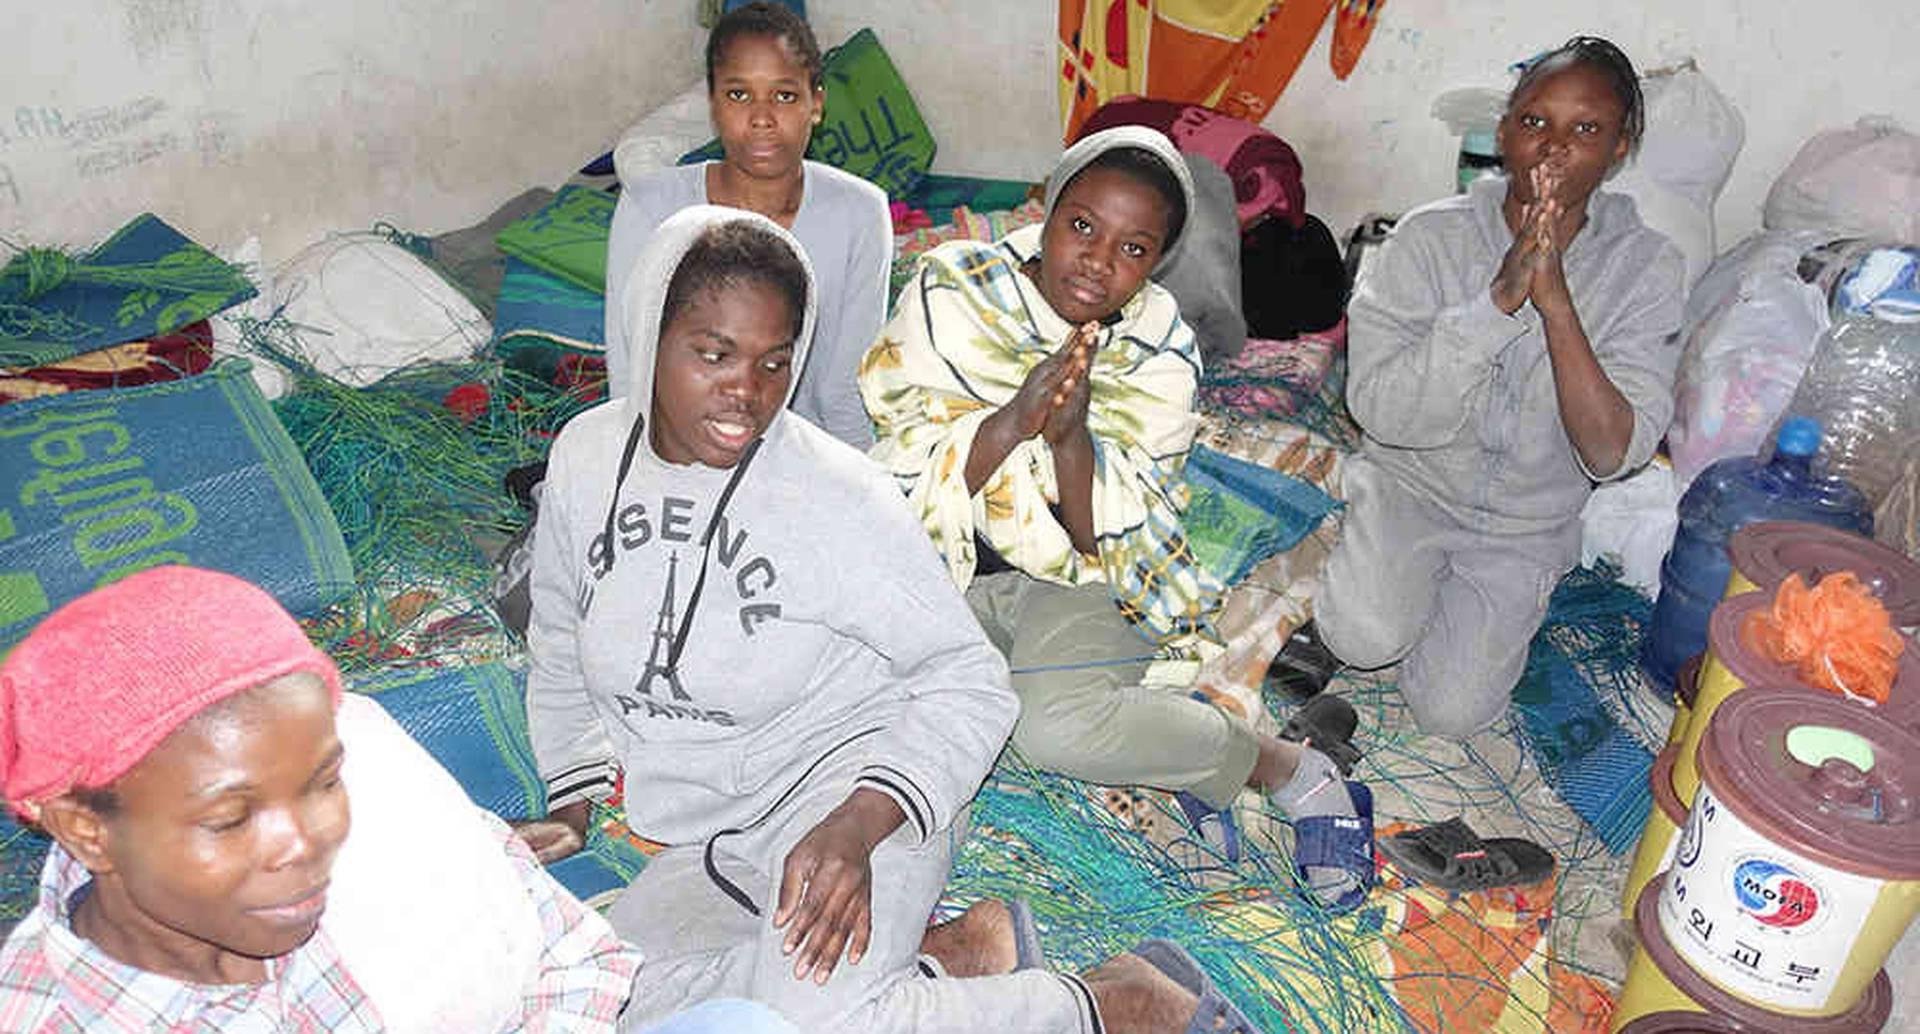 Aproximadamente 40 presos en el centro de detención en el momento de la visita. Ellos reportaron ser de Nigeria y se mantuvieron aquí desde primer mes sin ningún contacto con el mundo exterior o sus familias en casa. Mujeres muy deprimidas y desesperas pidiendo ayuda.